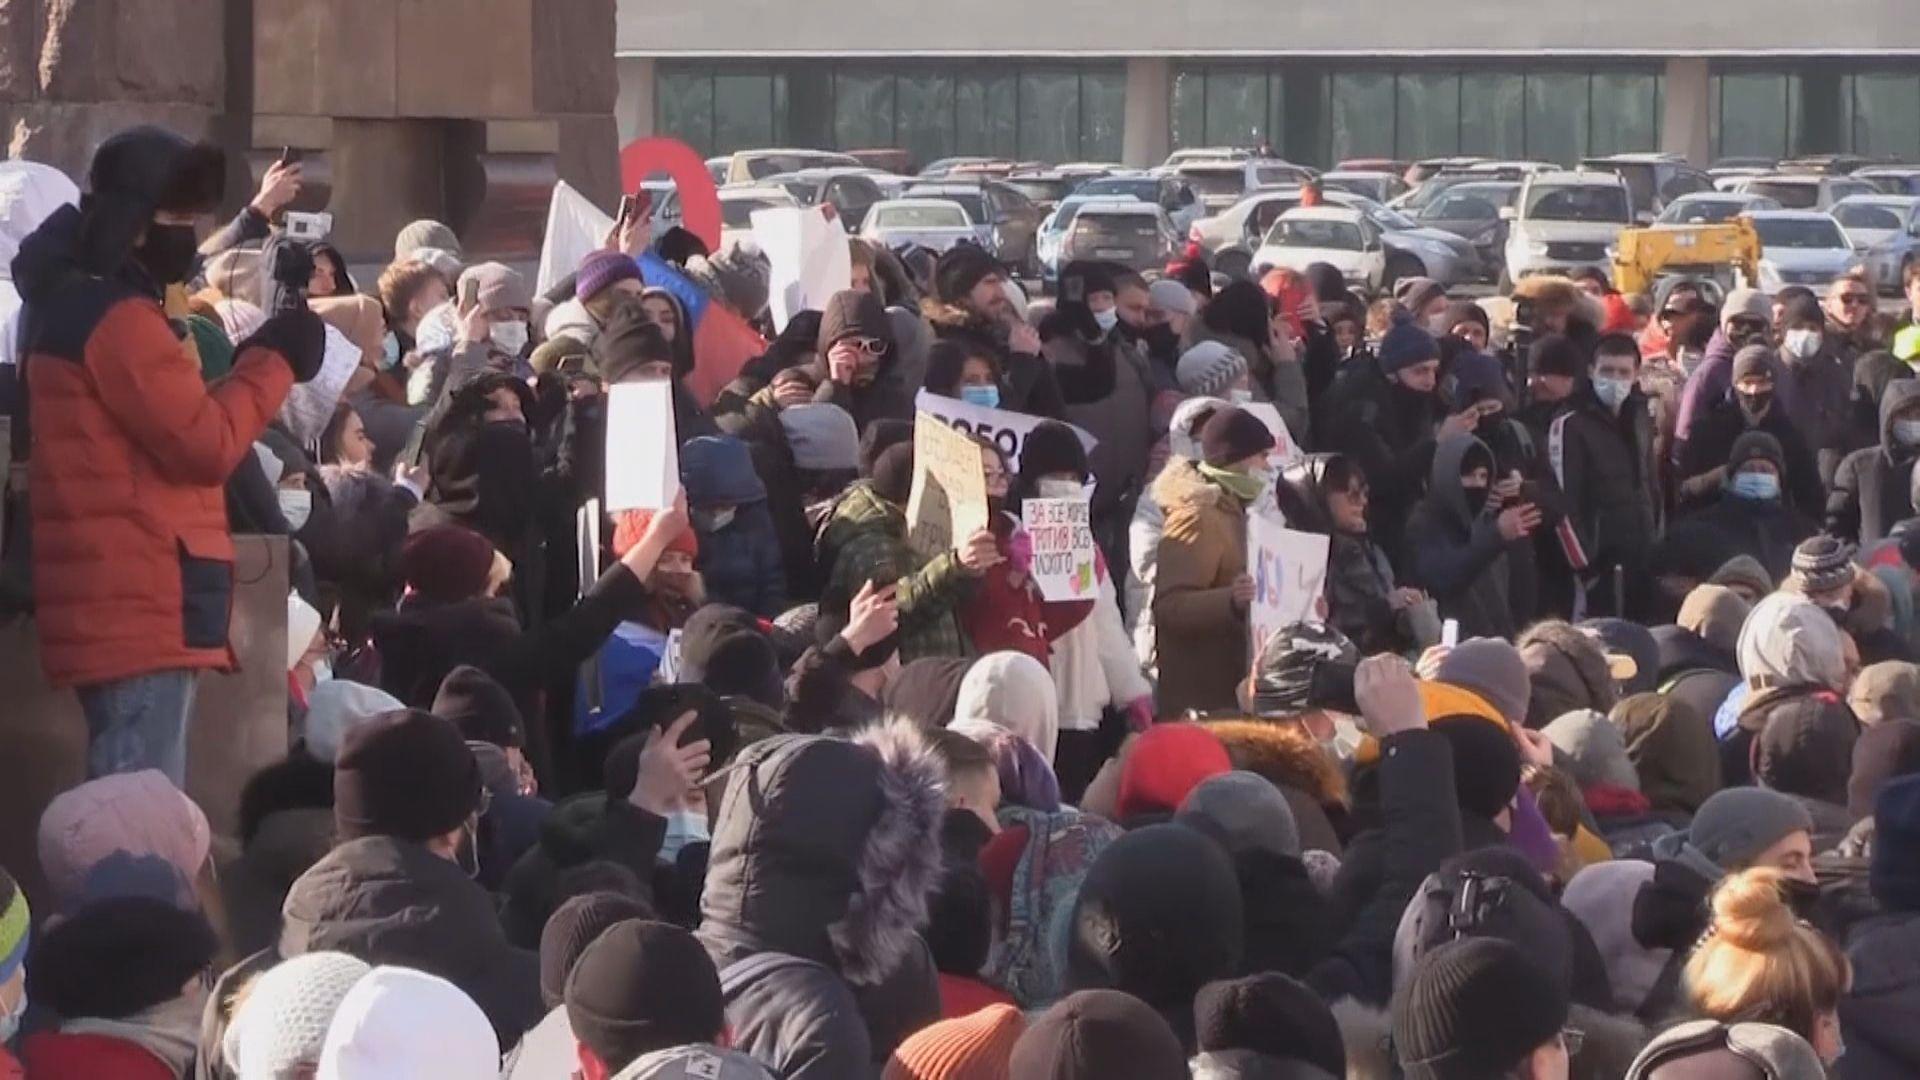 俄羅斯多地示威促釋放納瓦爾尼 最少3000人被捕